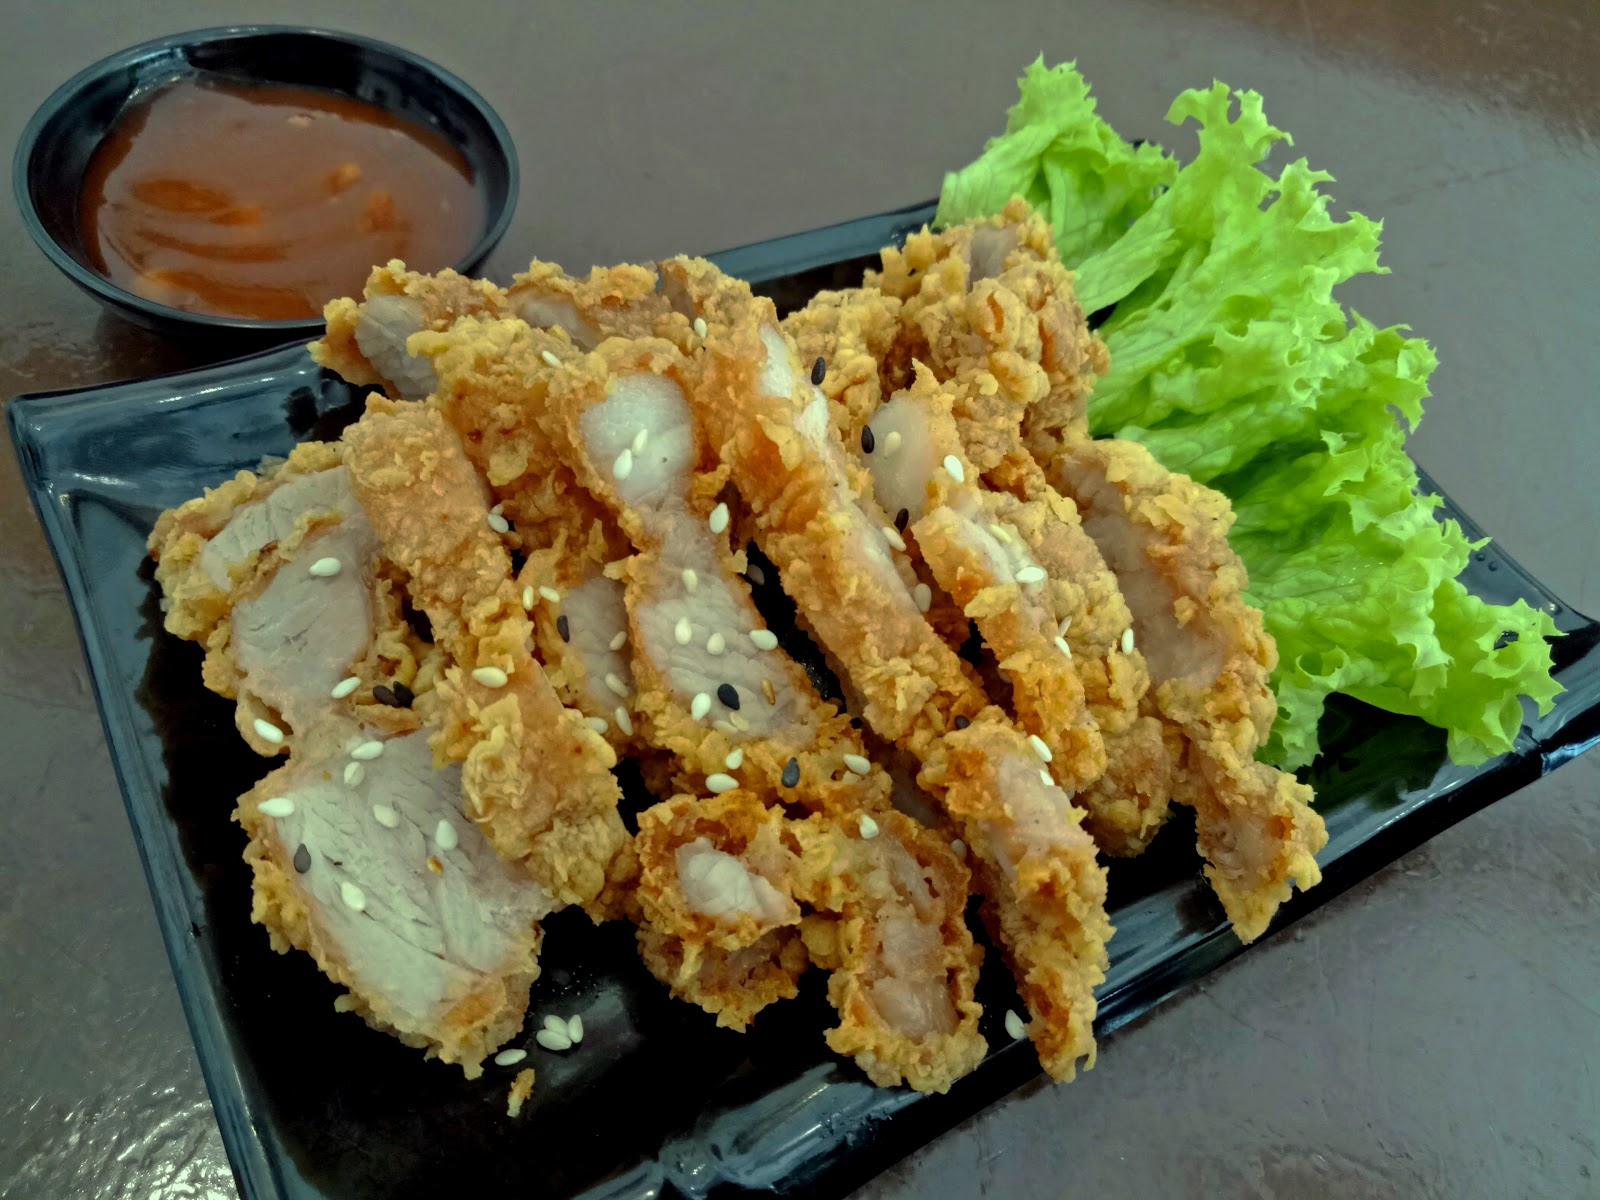 Penang Food For Thought: Hakka Chili Pan Mee